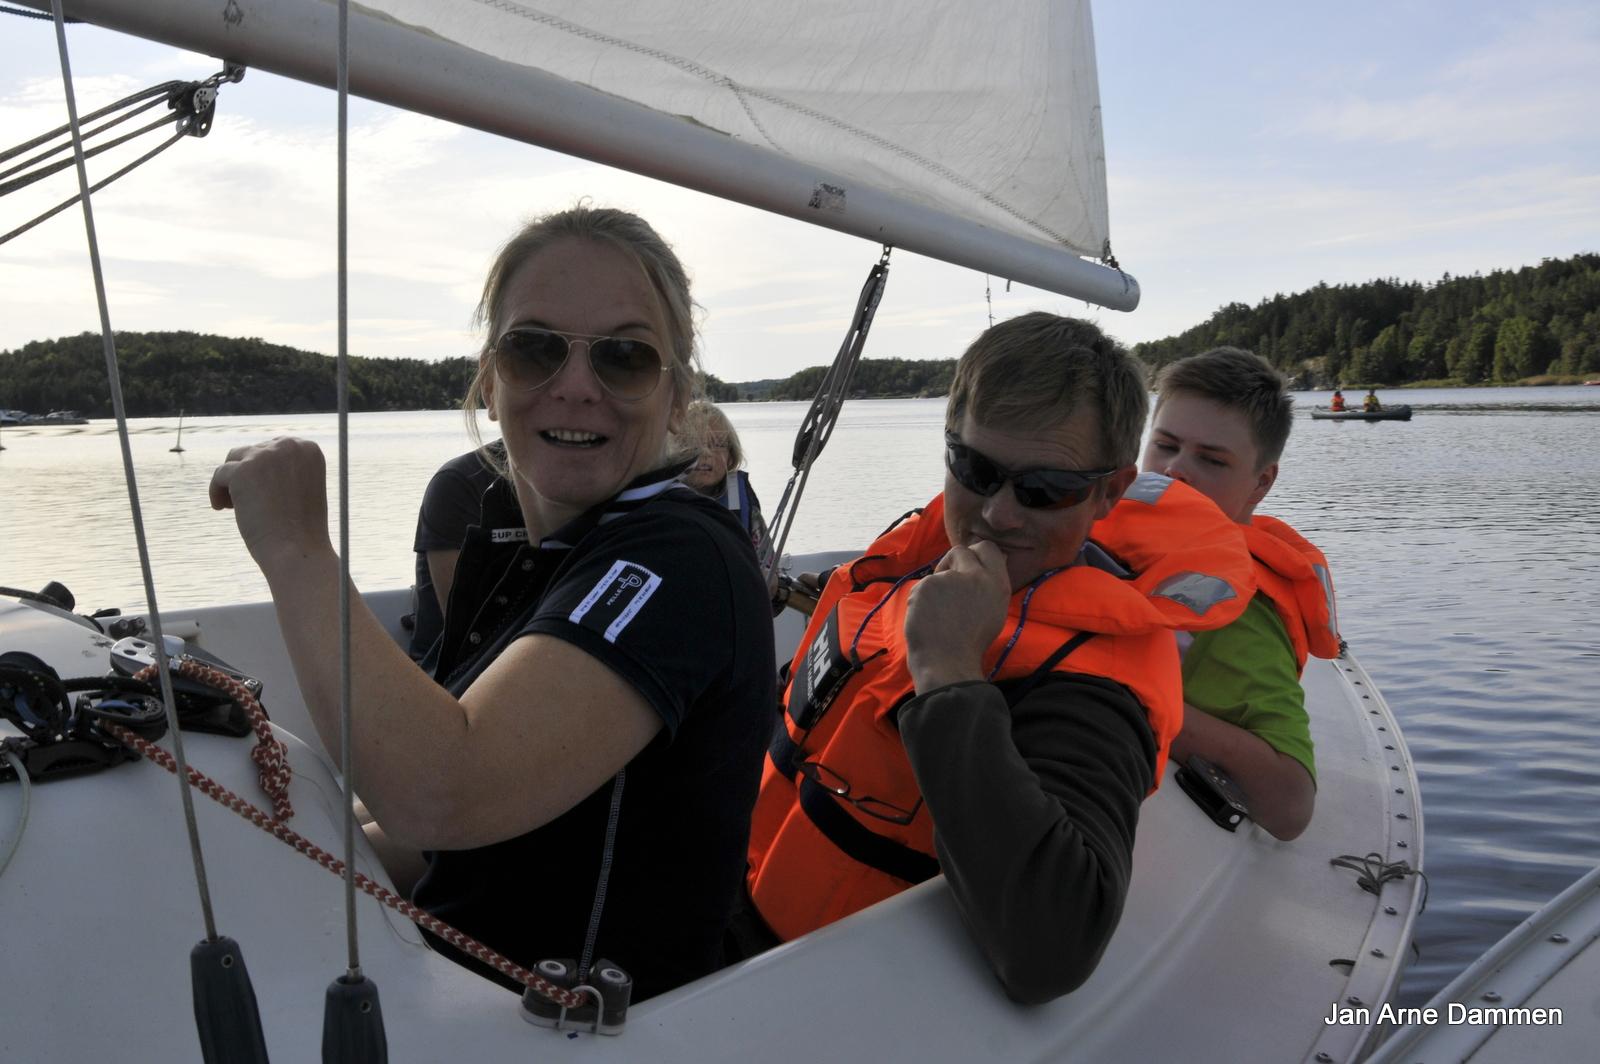 Kom igjen! Seiling passer alle, sier Beathe Haugen fra Ridderdagene på Storedal. Foto Jan Arne Dammen